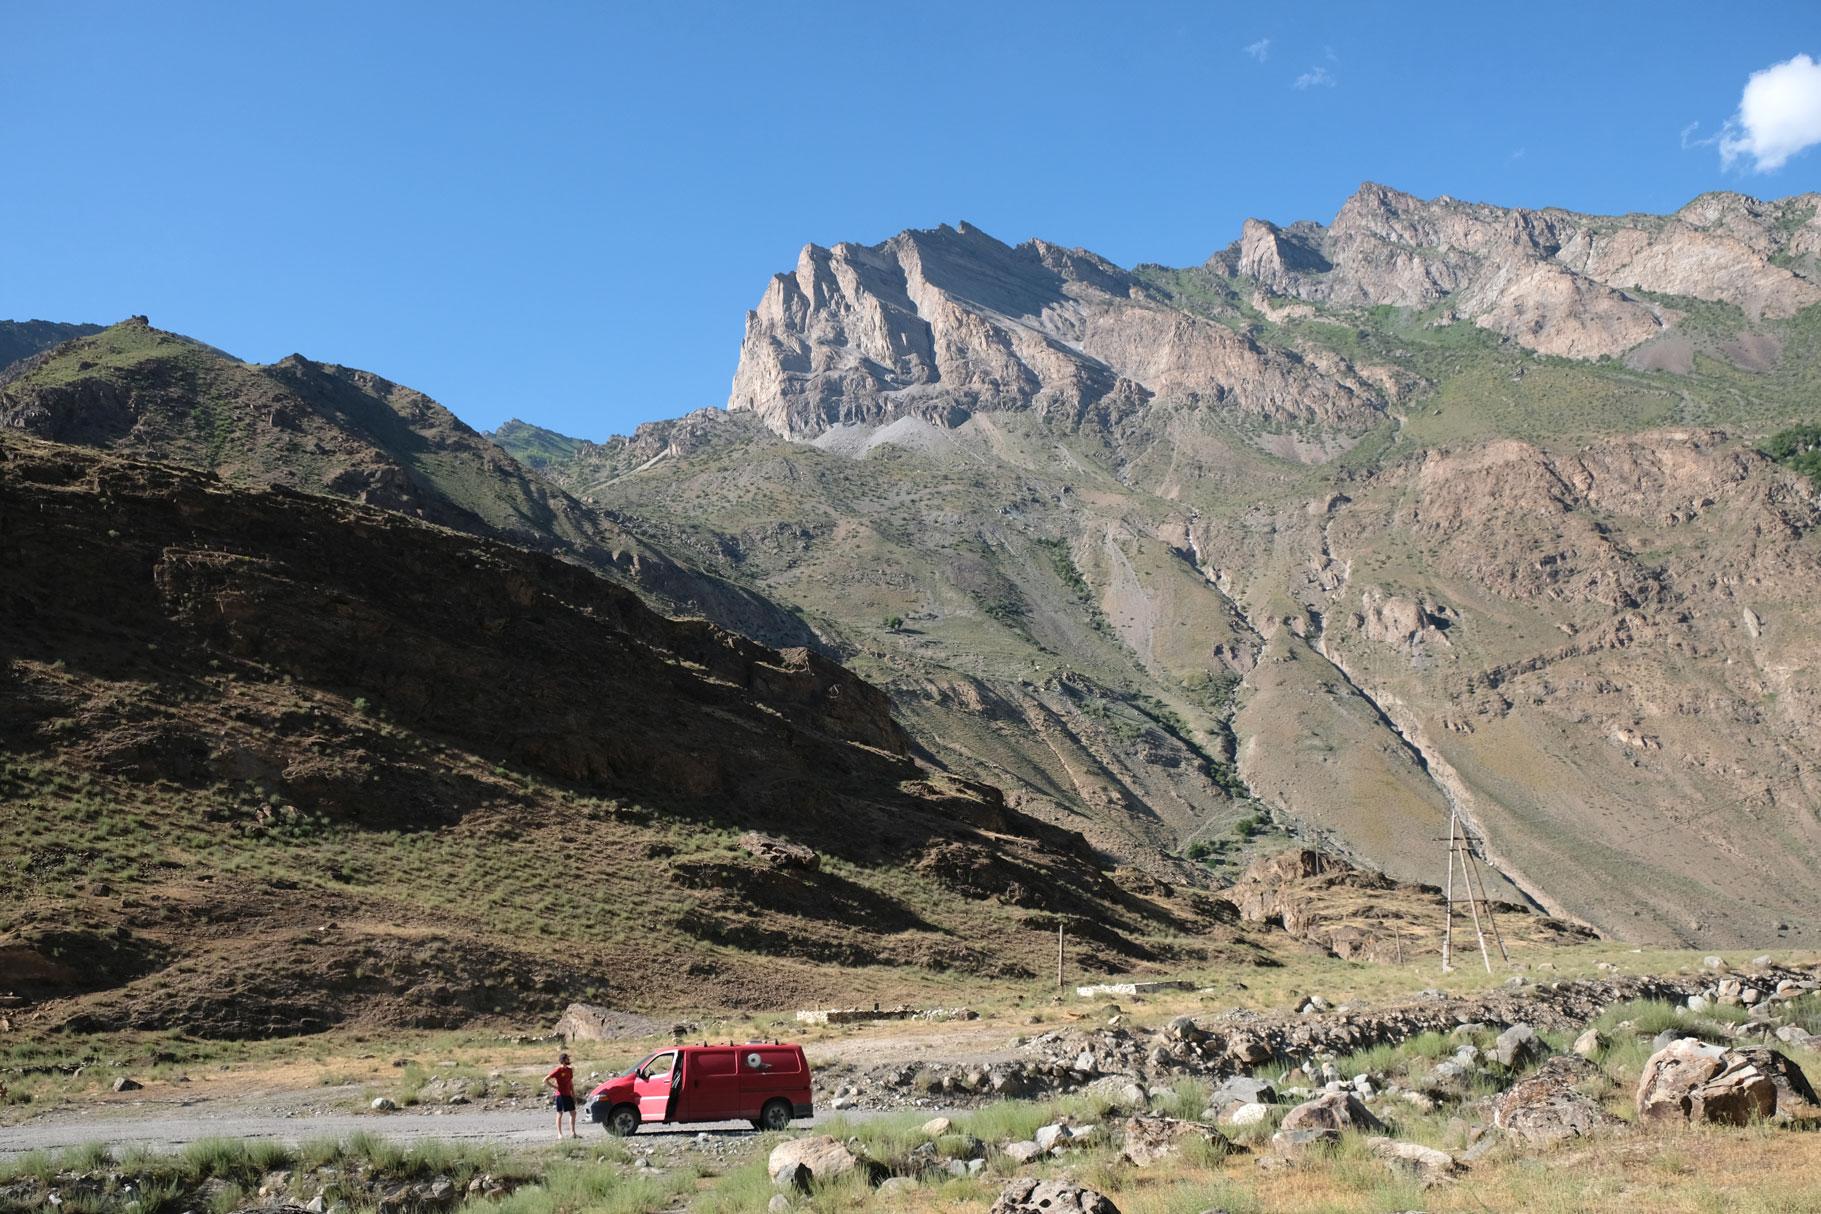 Sebastian neben einem roten Kleintransporter auf dem Pamir Highway.